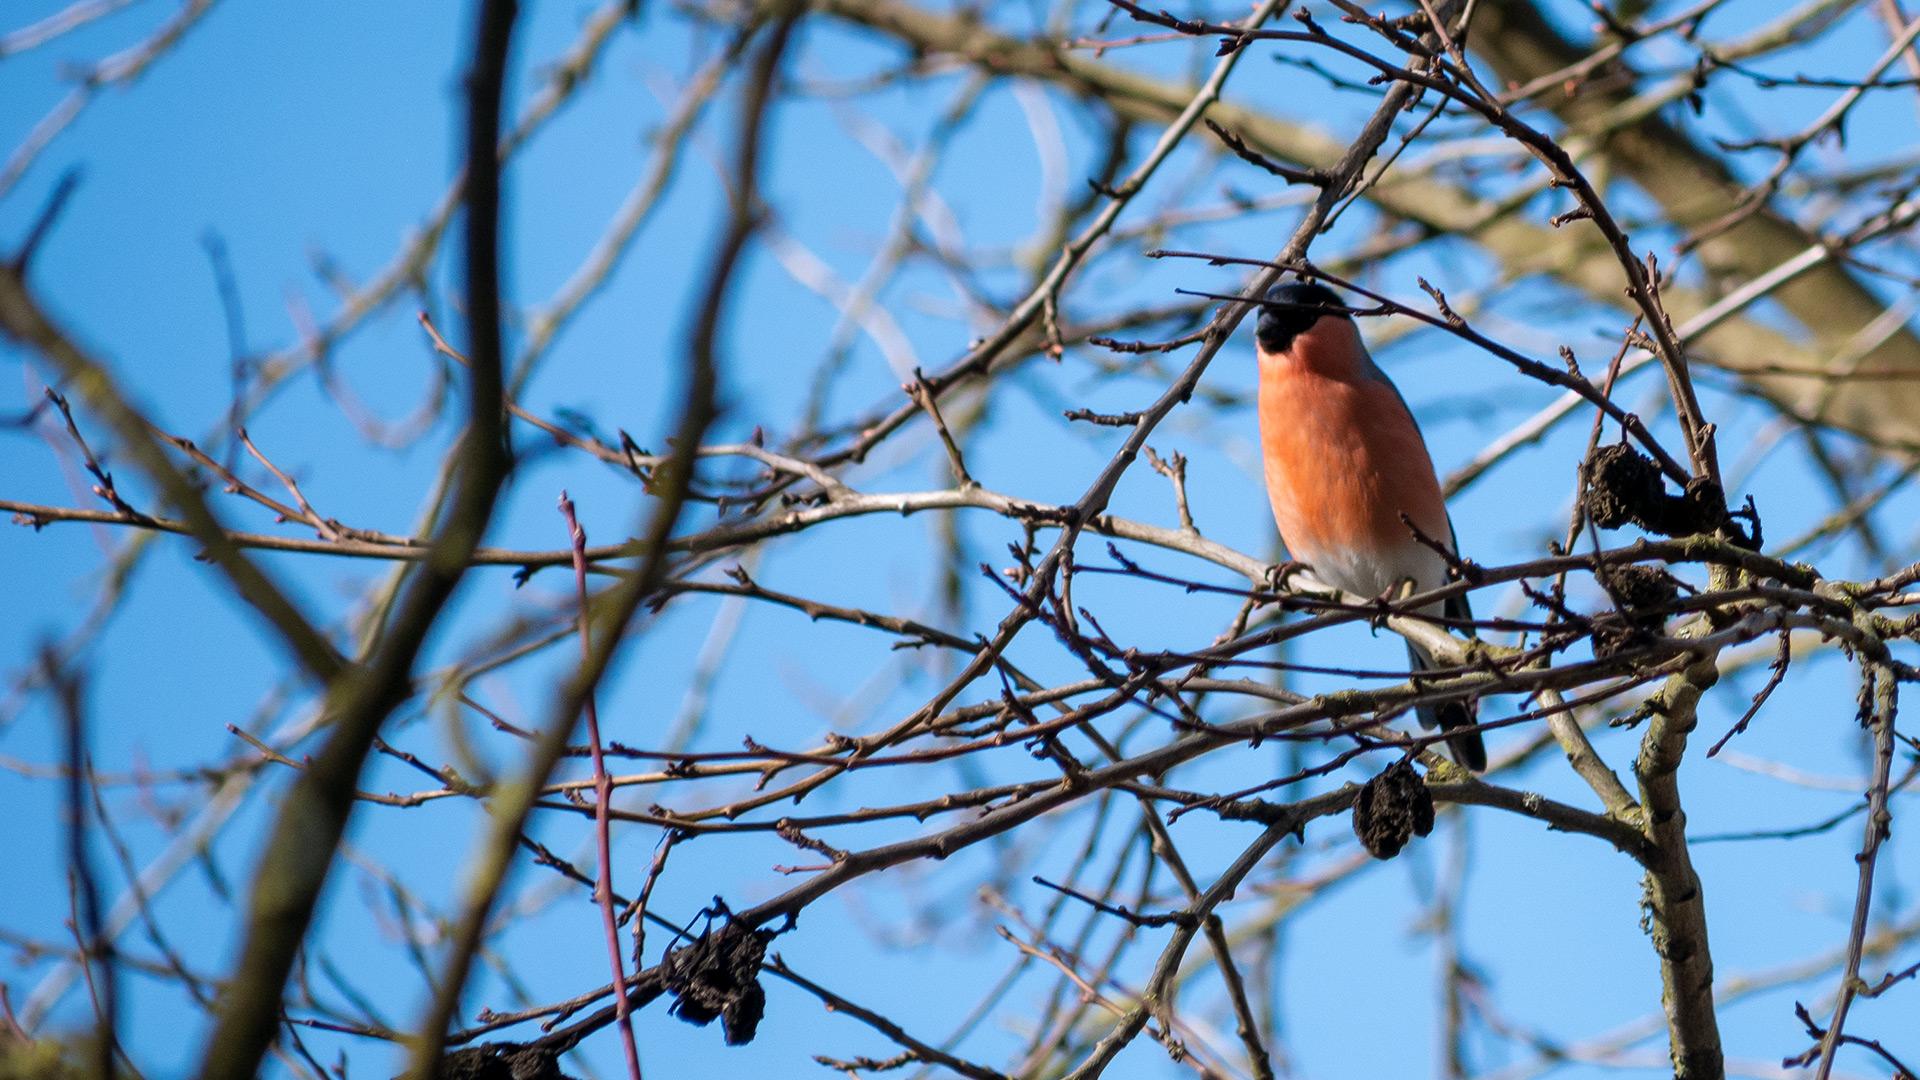 Gimpel - Anetkas Vogelwelt